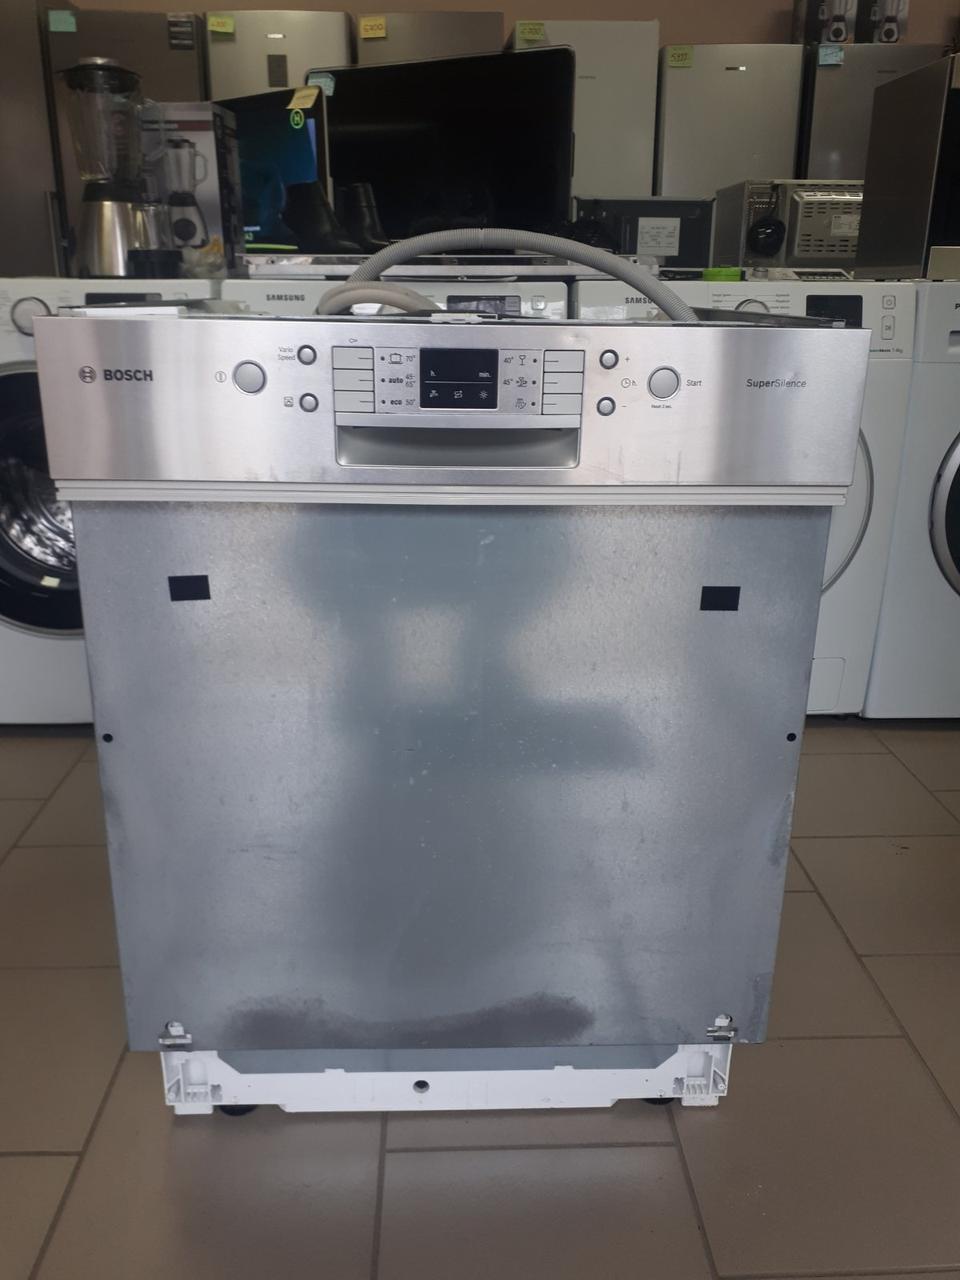 Посудомоечная машина  BOSCH SuperSilence SM68M35EU\18 с Германии